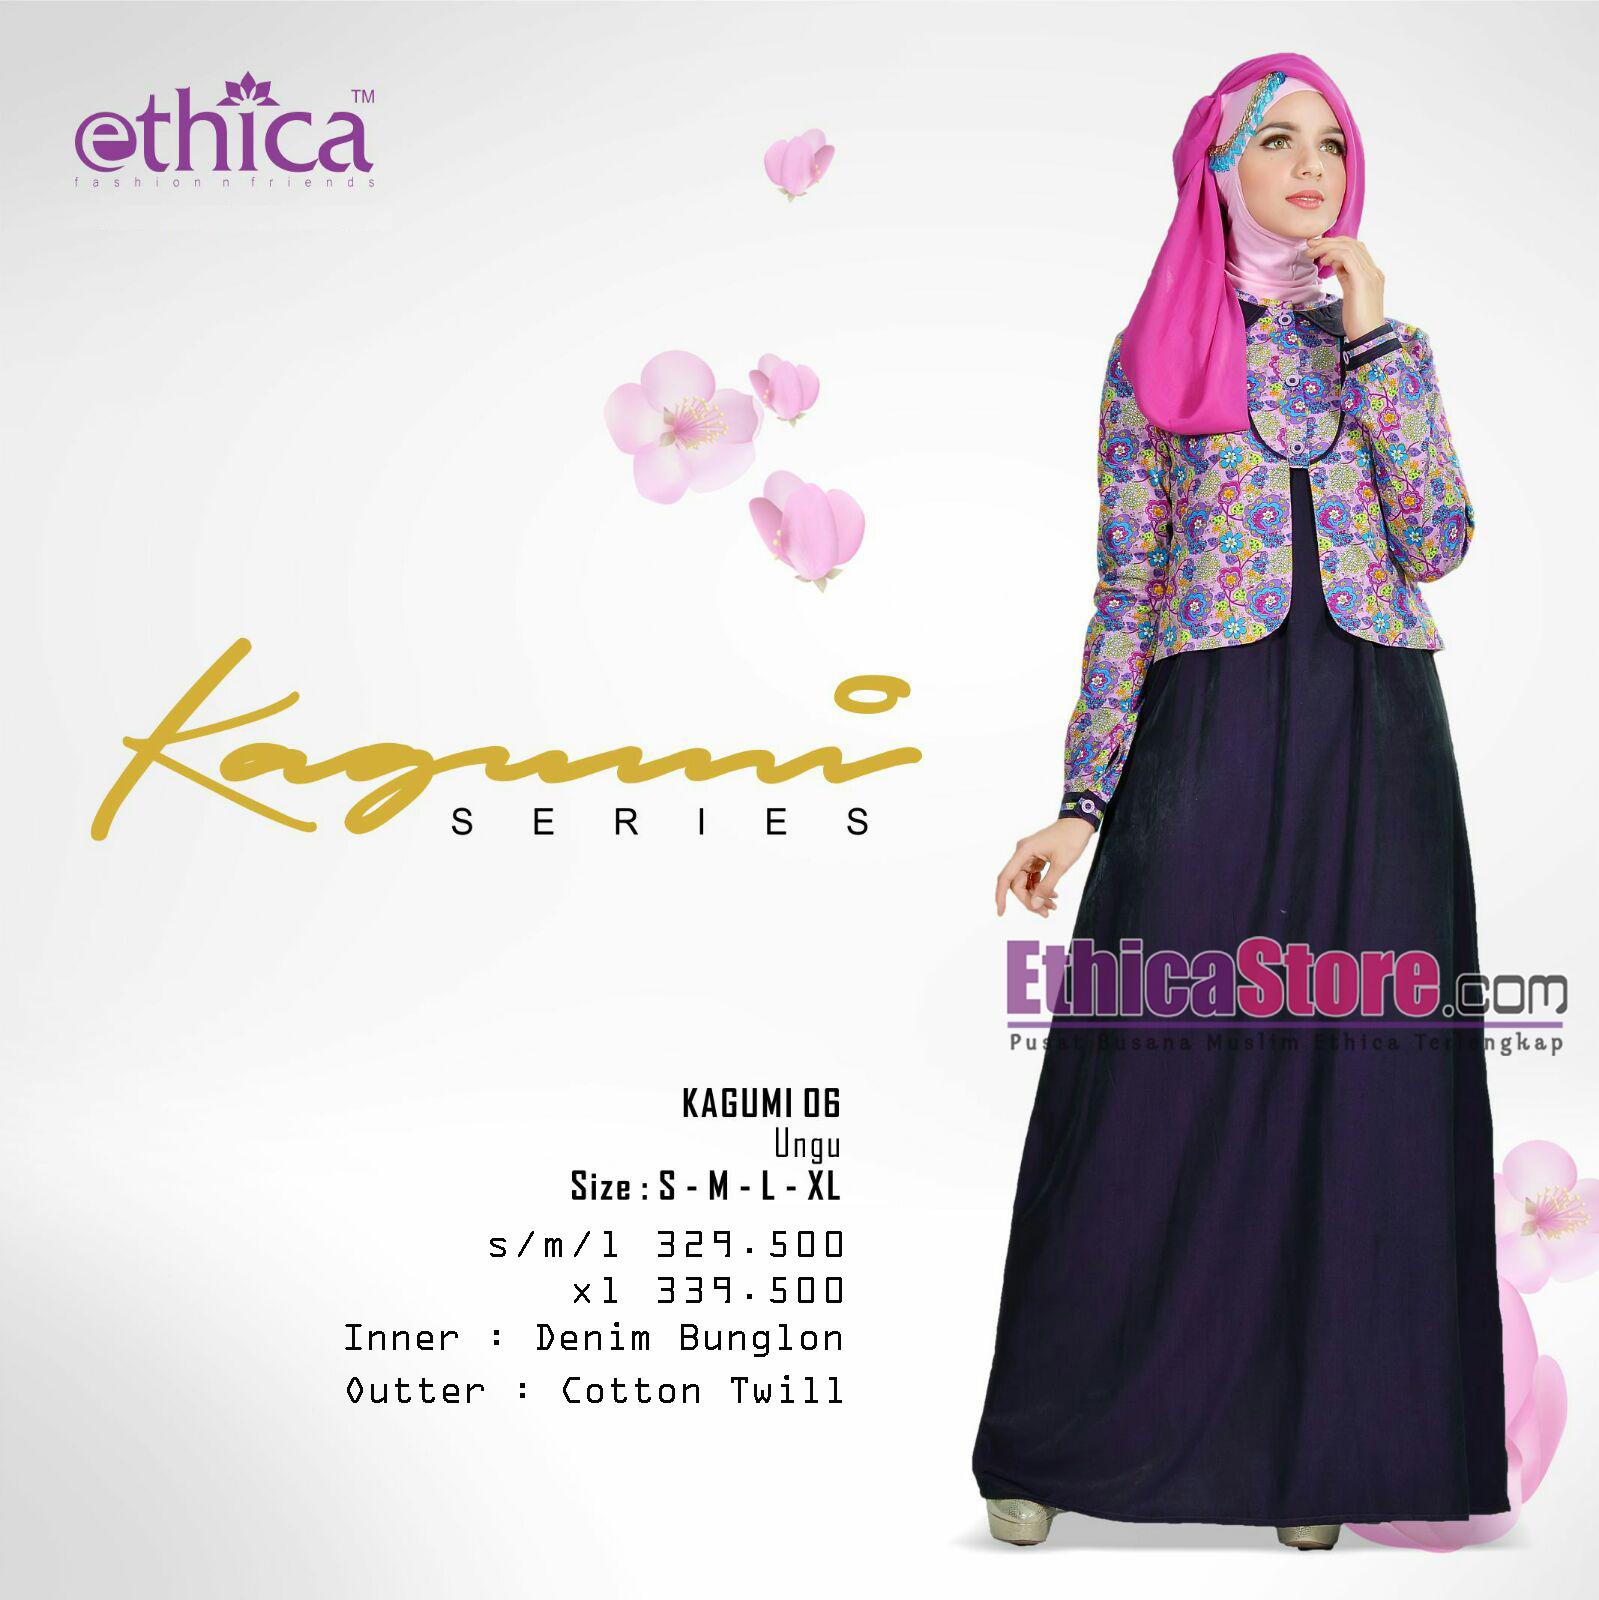 ethica-kagumi-06-ungu